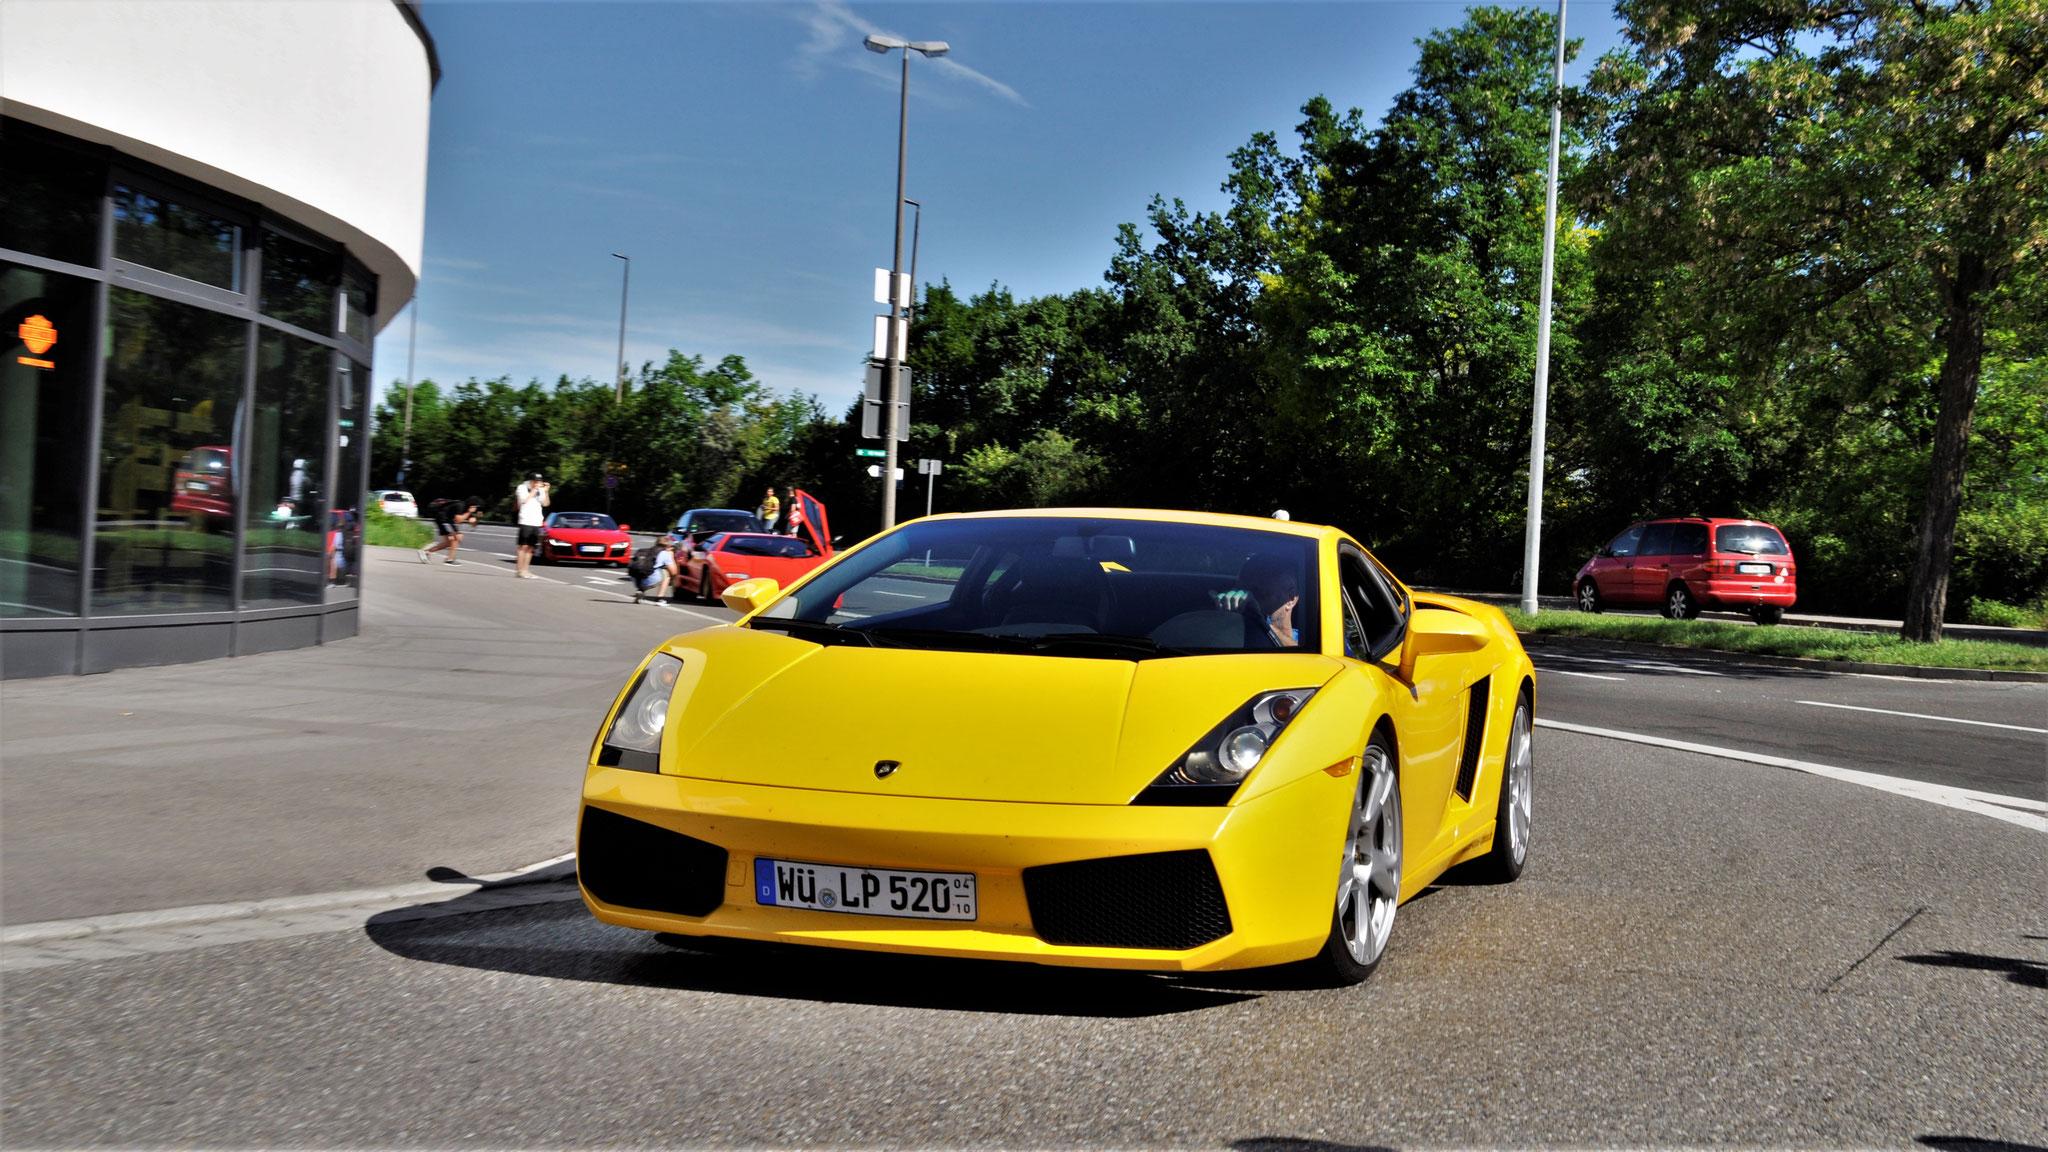 Lamborghini Gallardo LP 520 - WÜ-LP-520